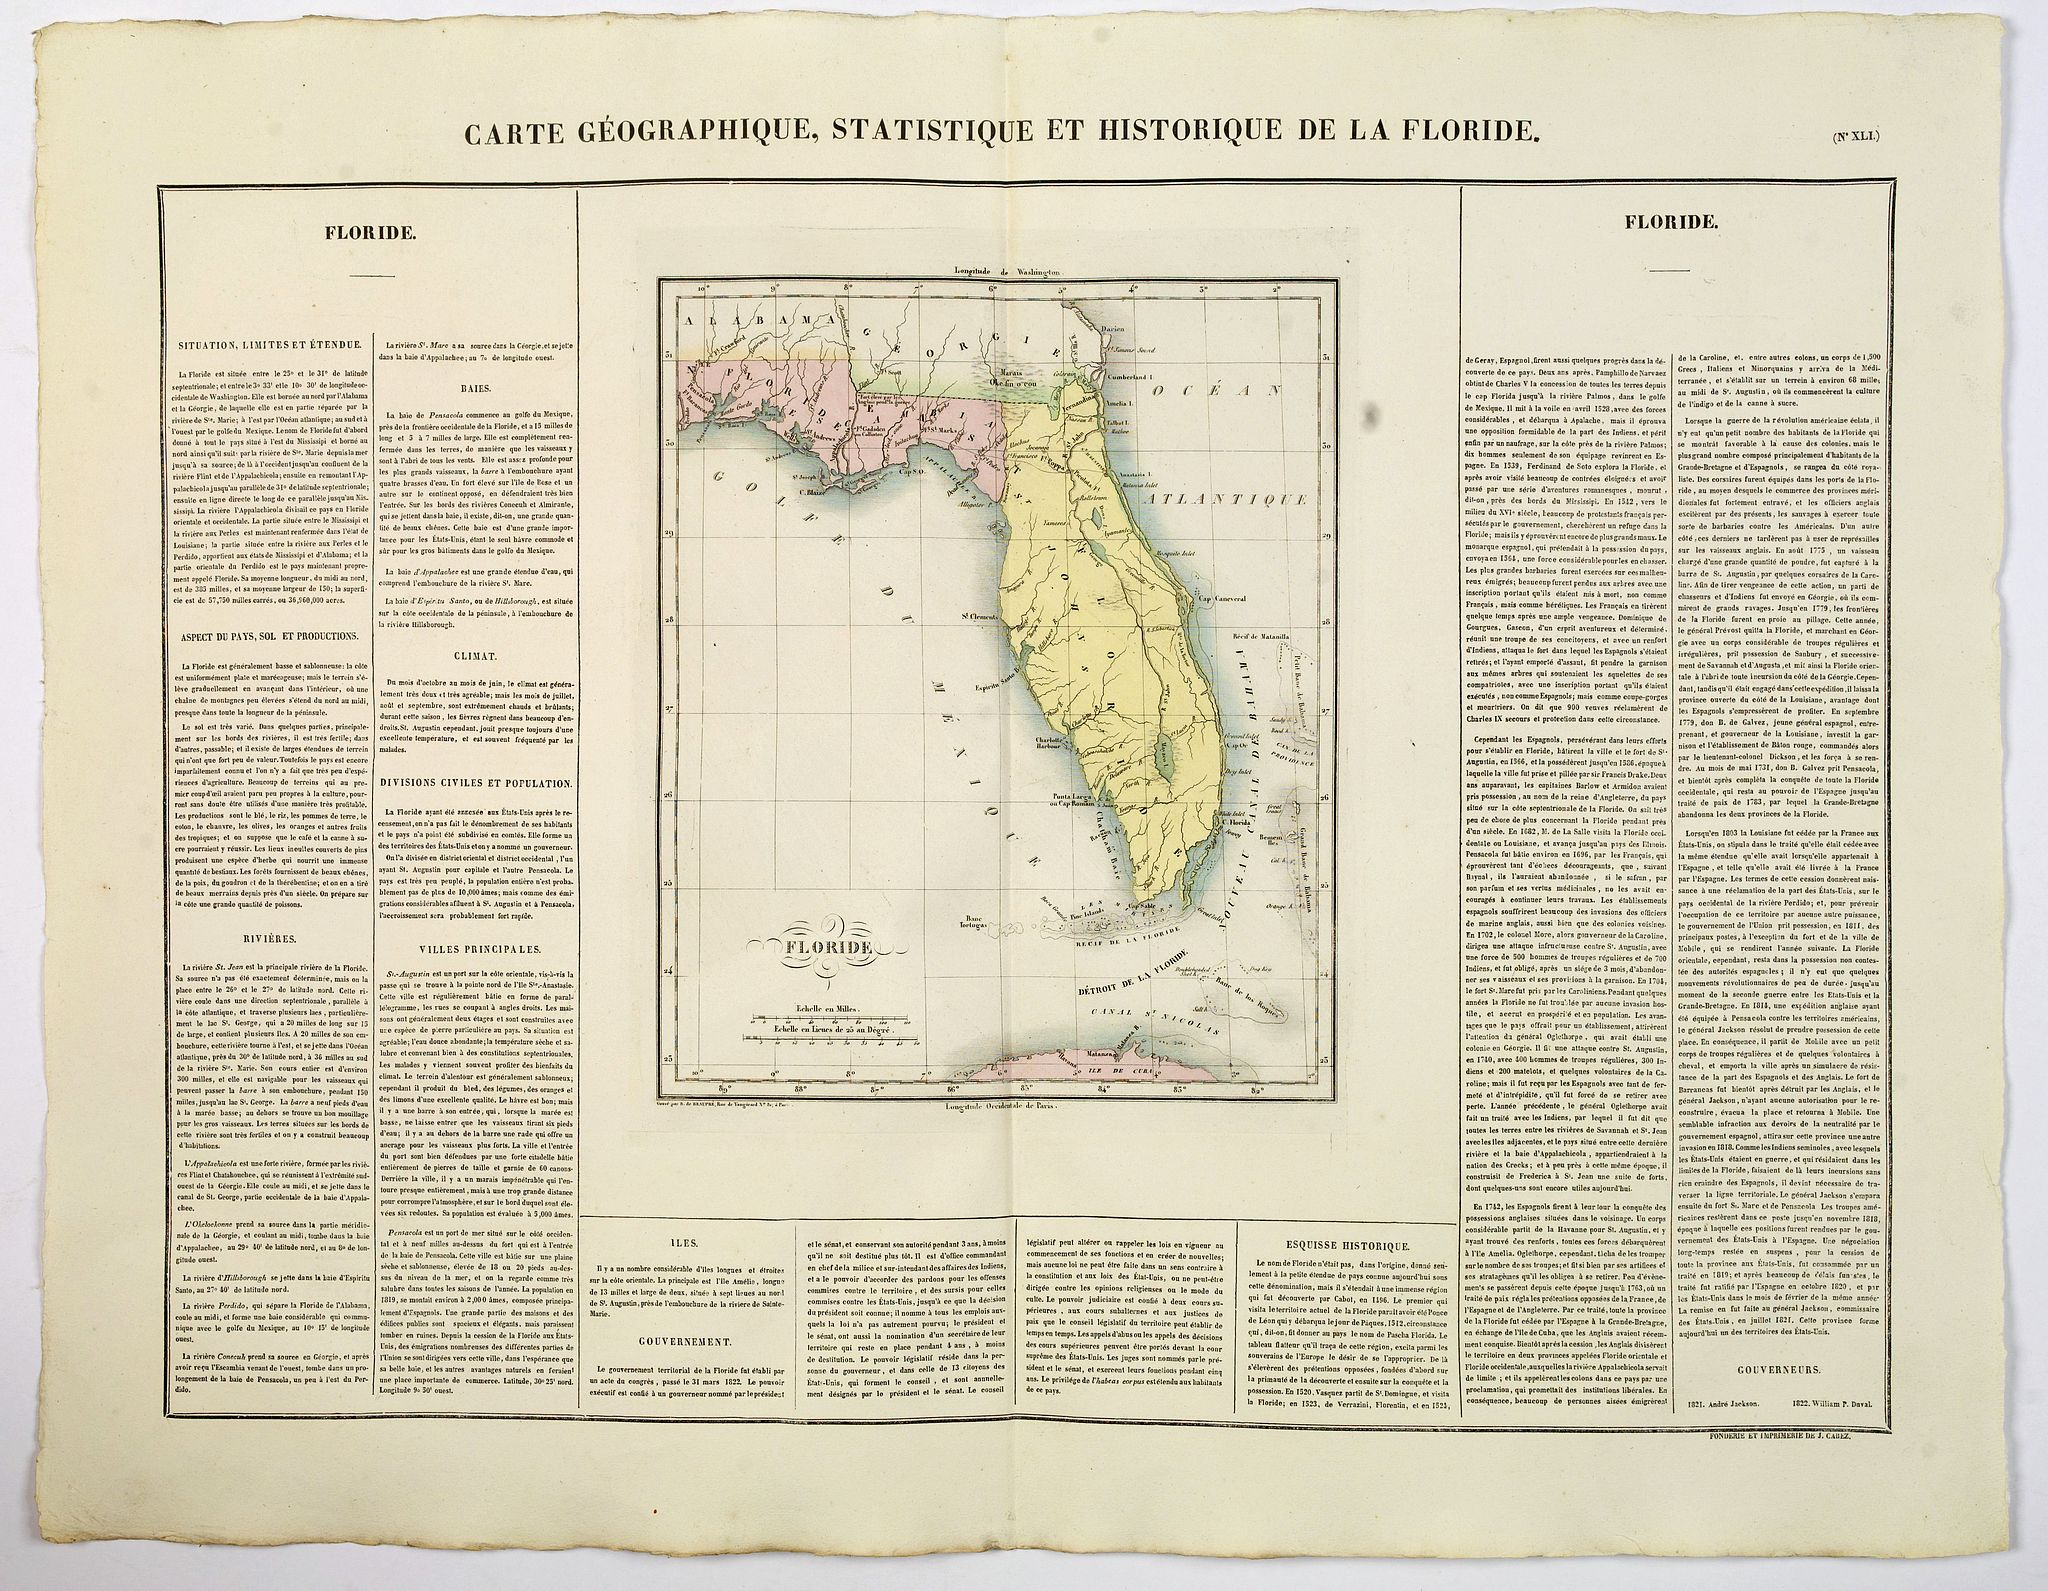 BUCHON, J.A. -  Carte Geographique, Statistique ey Historique de la Floride.